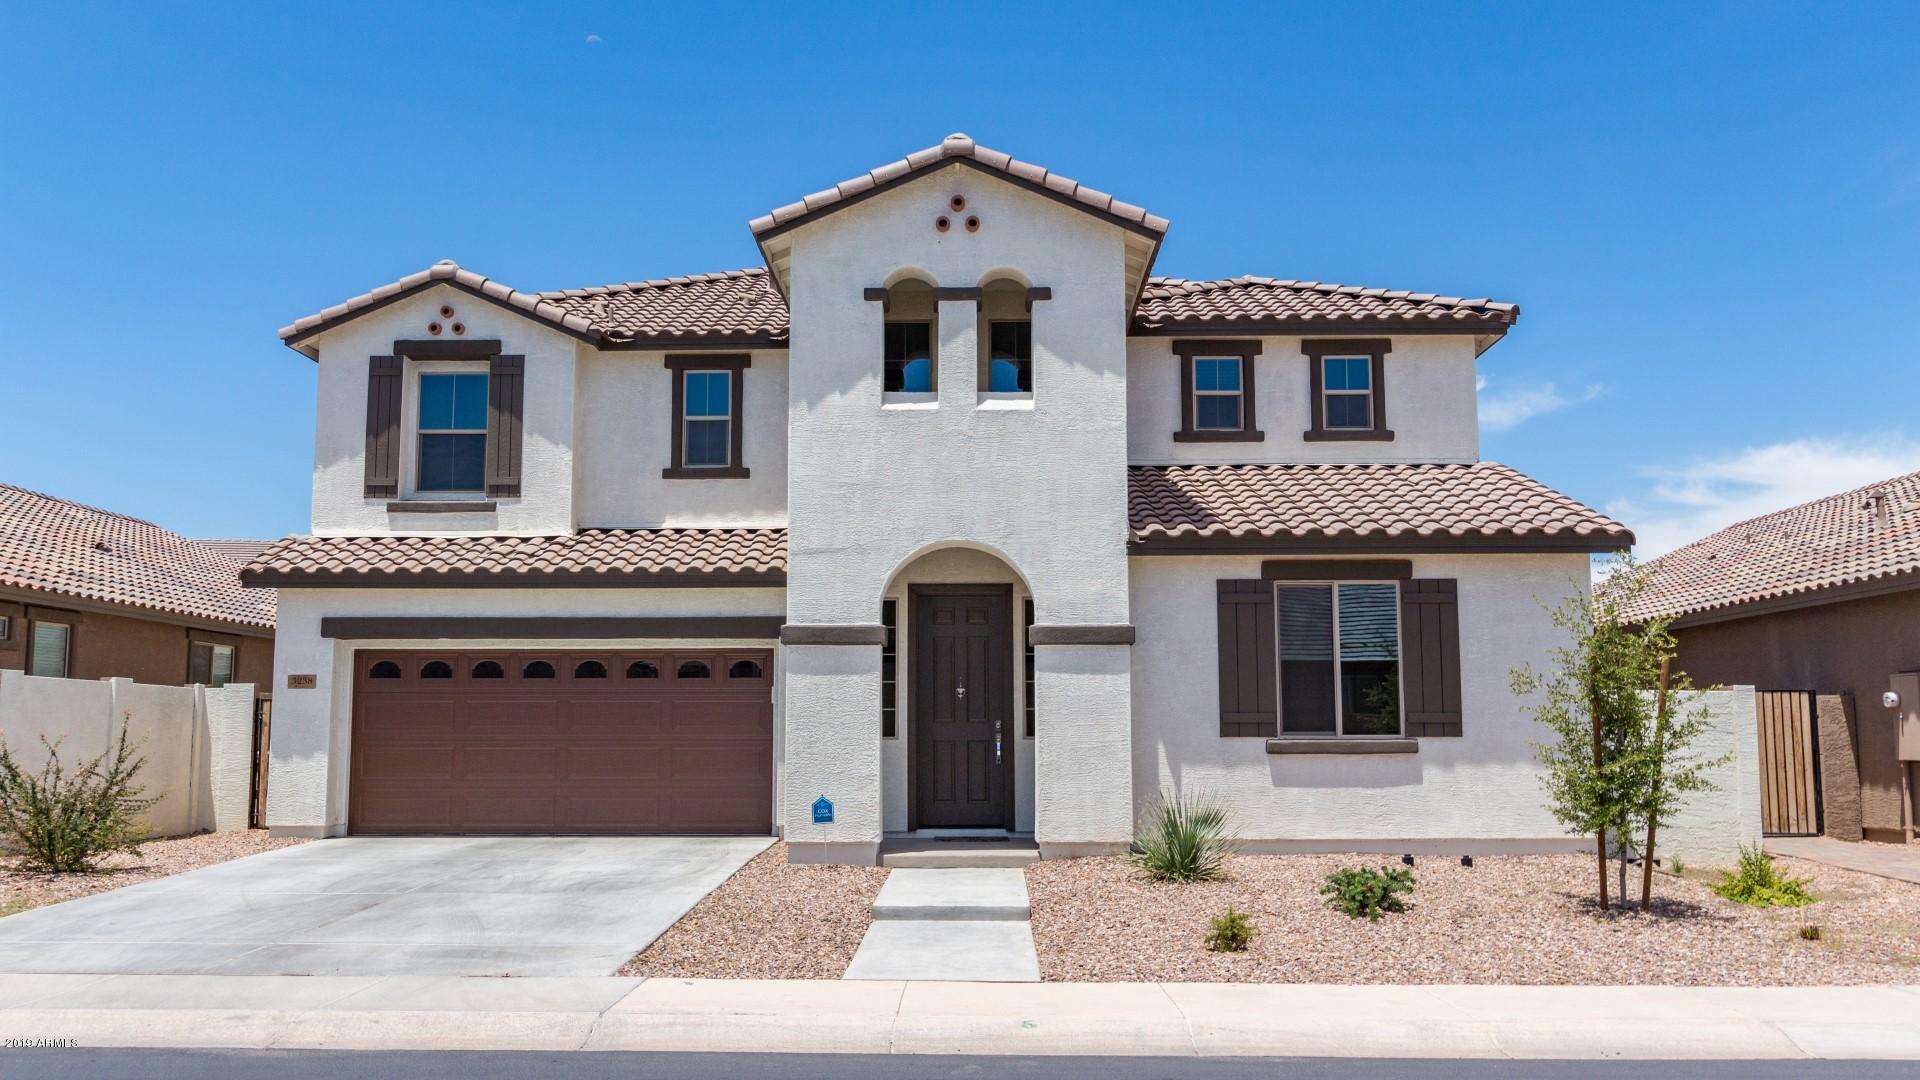 Photo of 3238 N 31ST Street, Mesa, AZ 85213